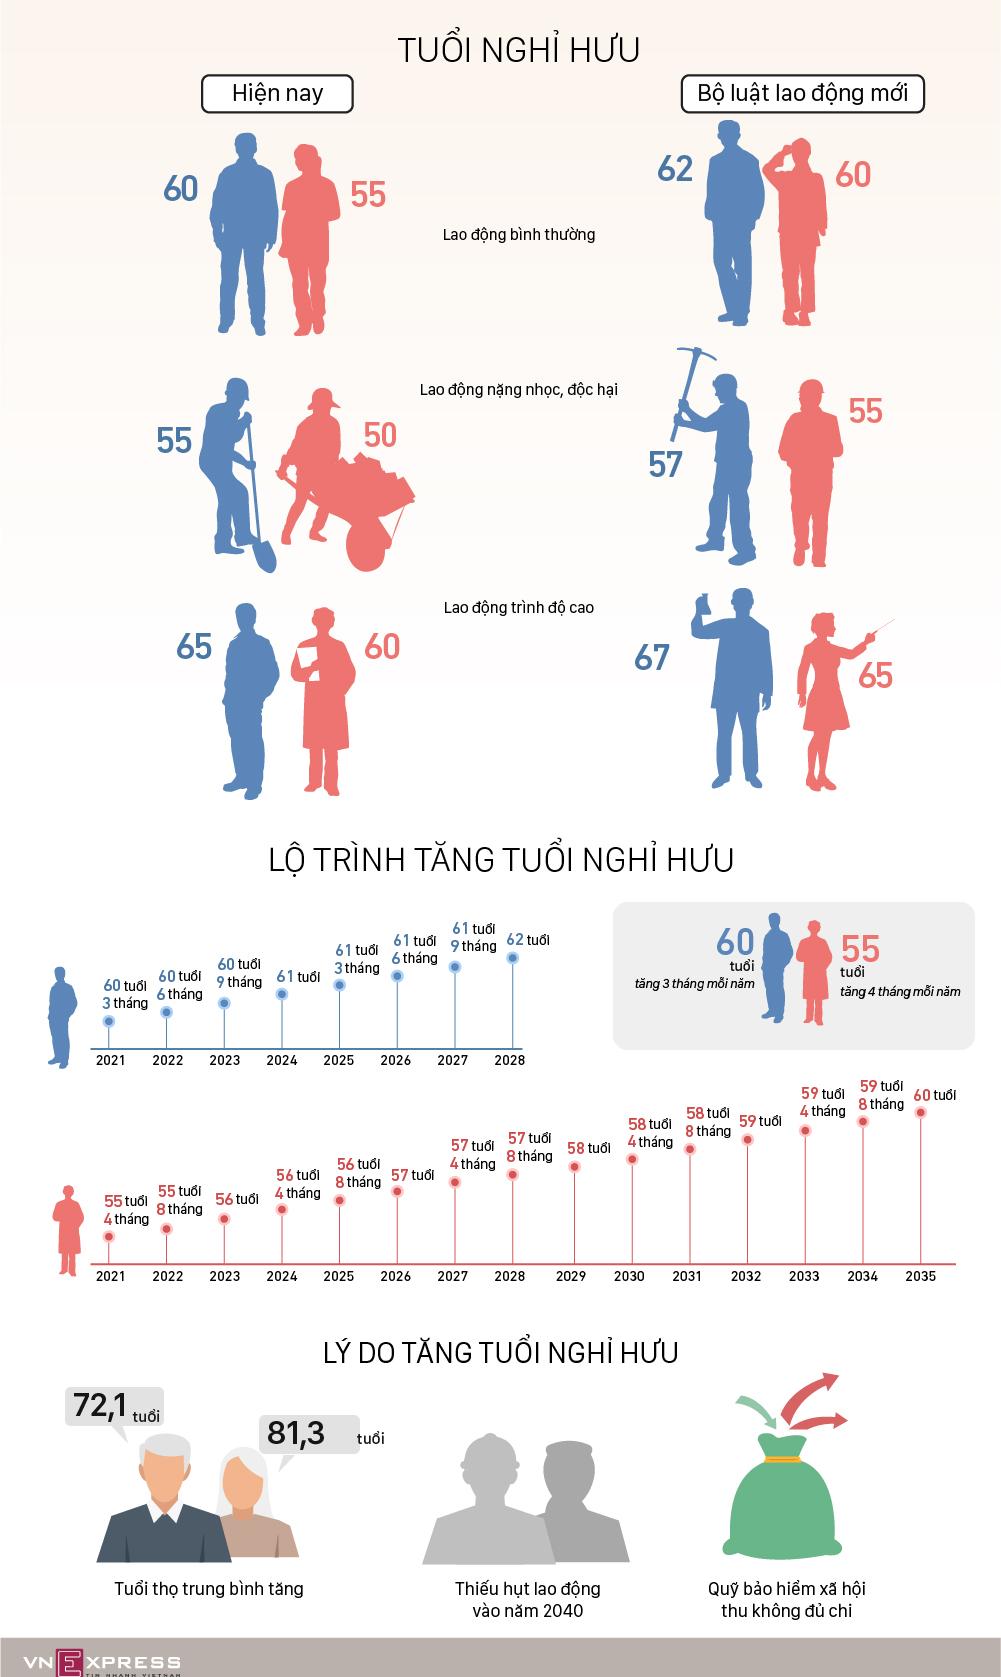 Lộ trình tăng tuổi nghỉ hưu